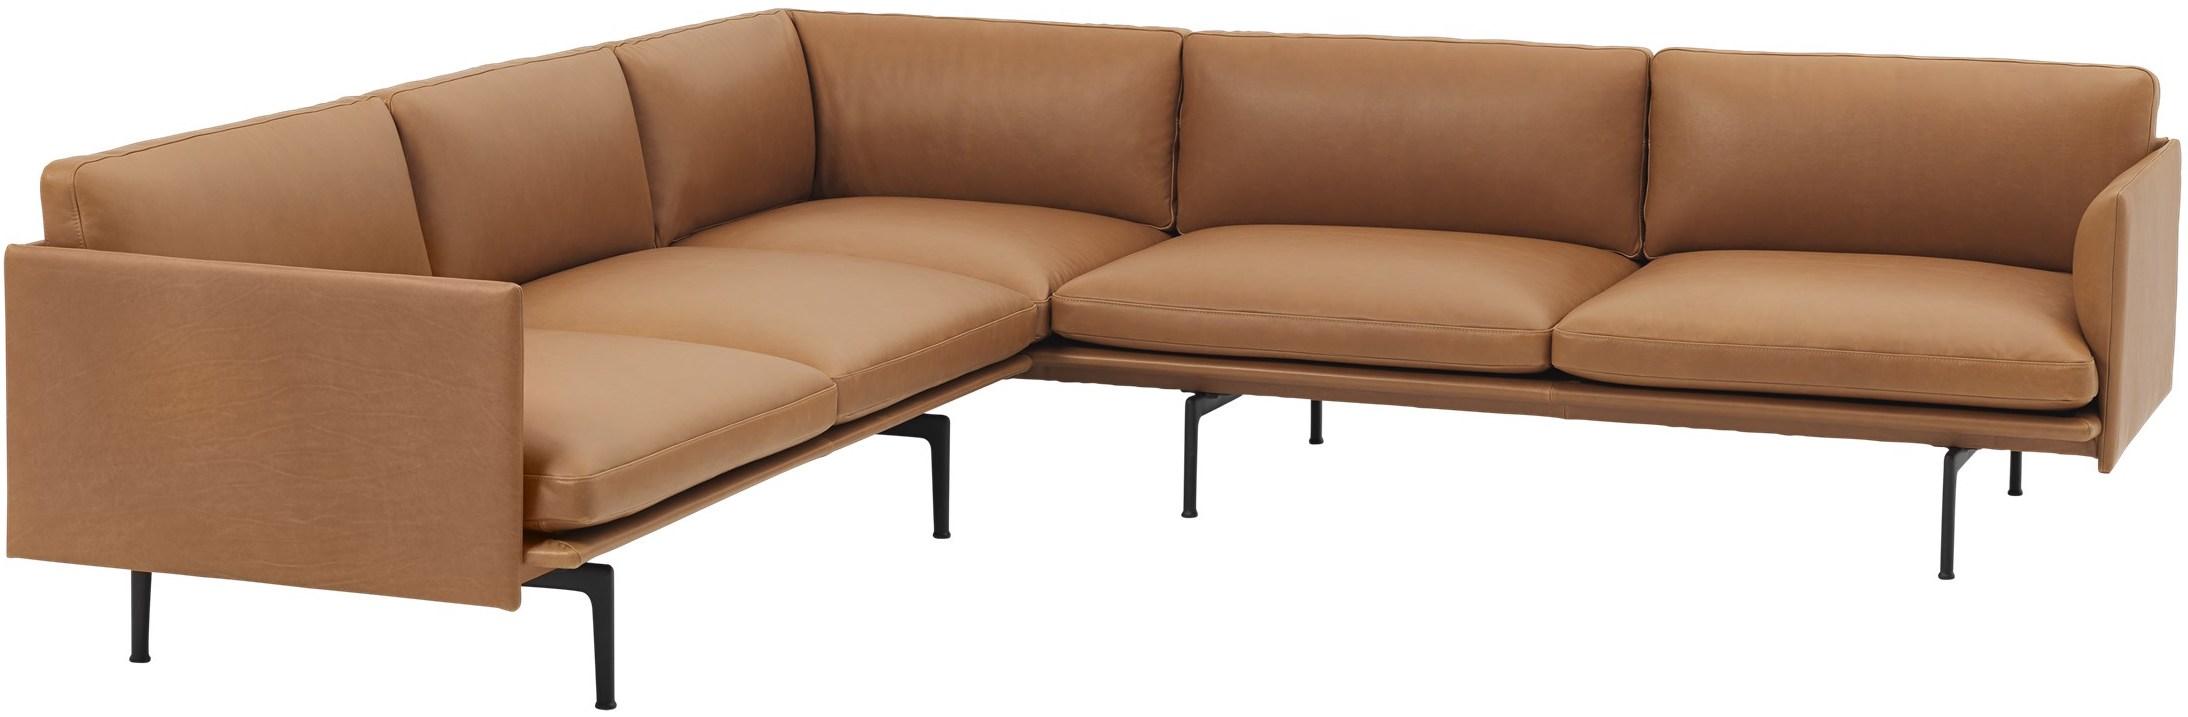 Muuto Outline Corner Sofa Design Anderssen Voll